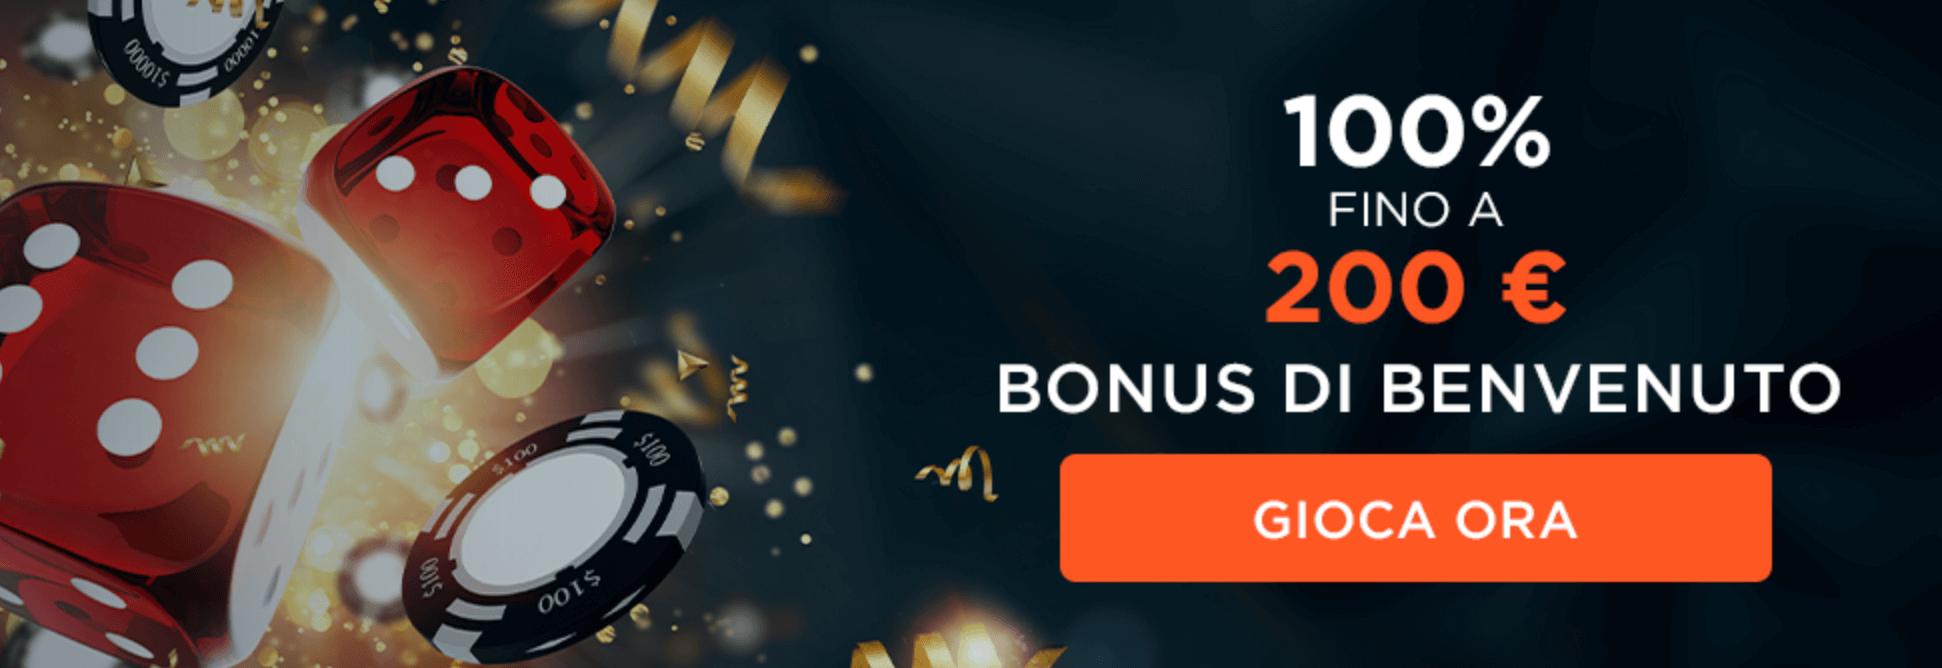 XPlayBet Casino Bonus Benvenuto